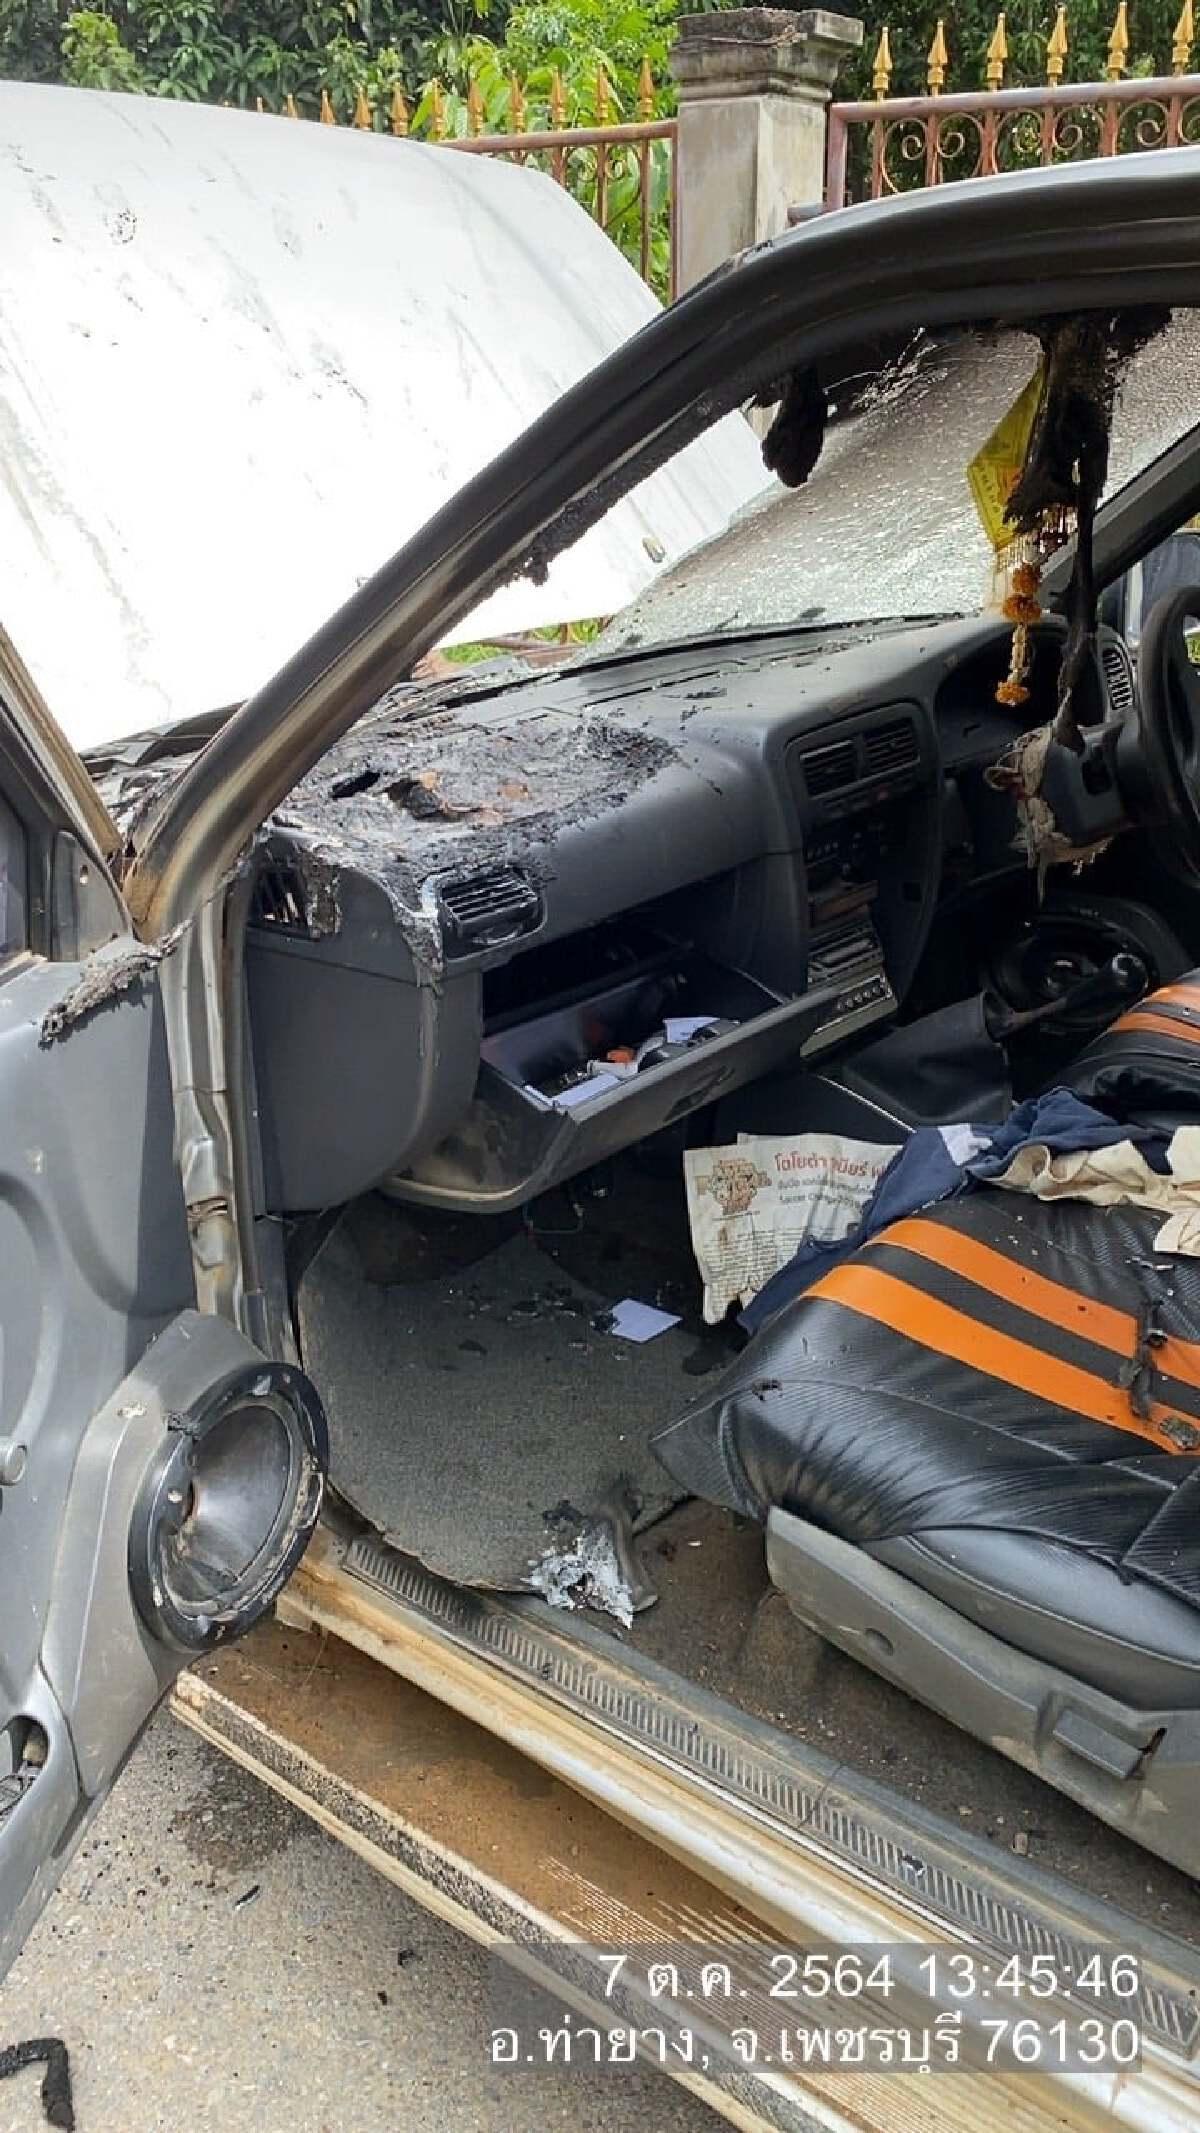 เตือนห้ามวางพาวเวอร์แบงค์ไว้หน้ารถเด็ดขาด สุดท้ายไฟไหม้ท่วม